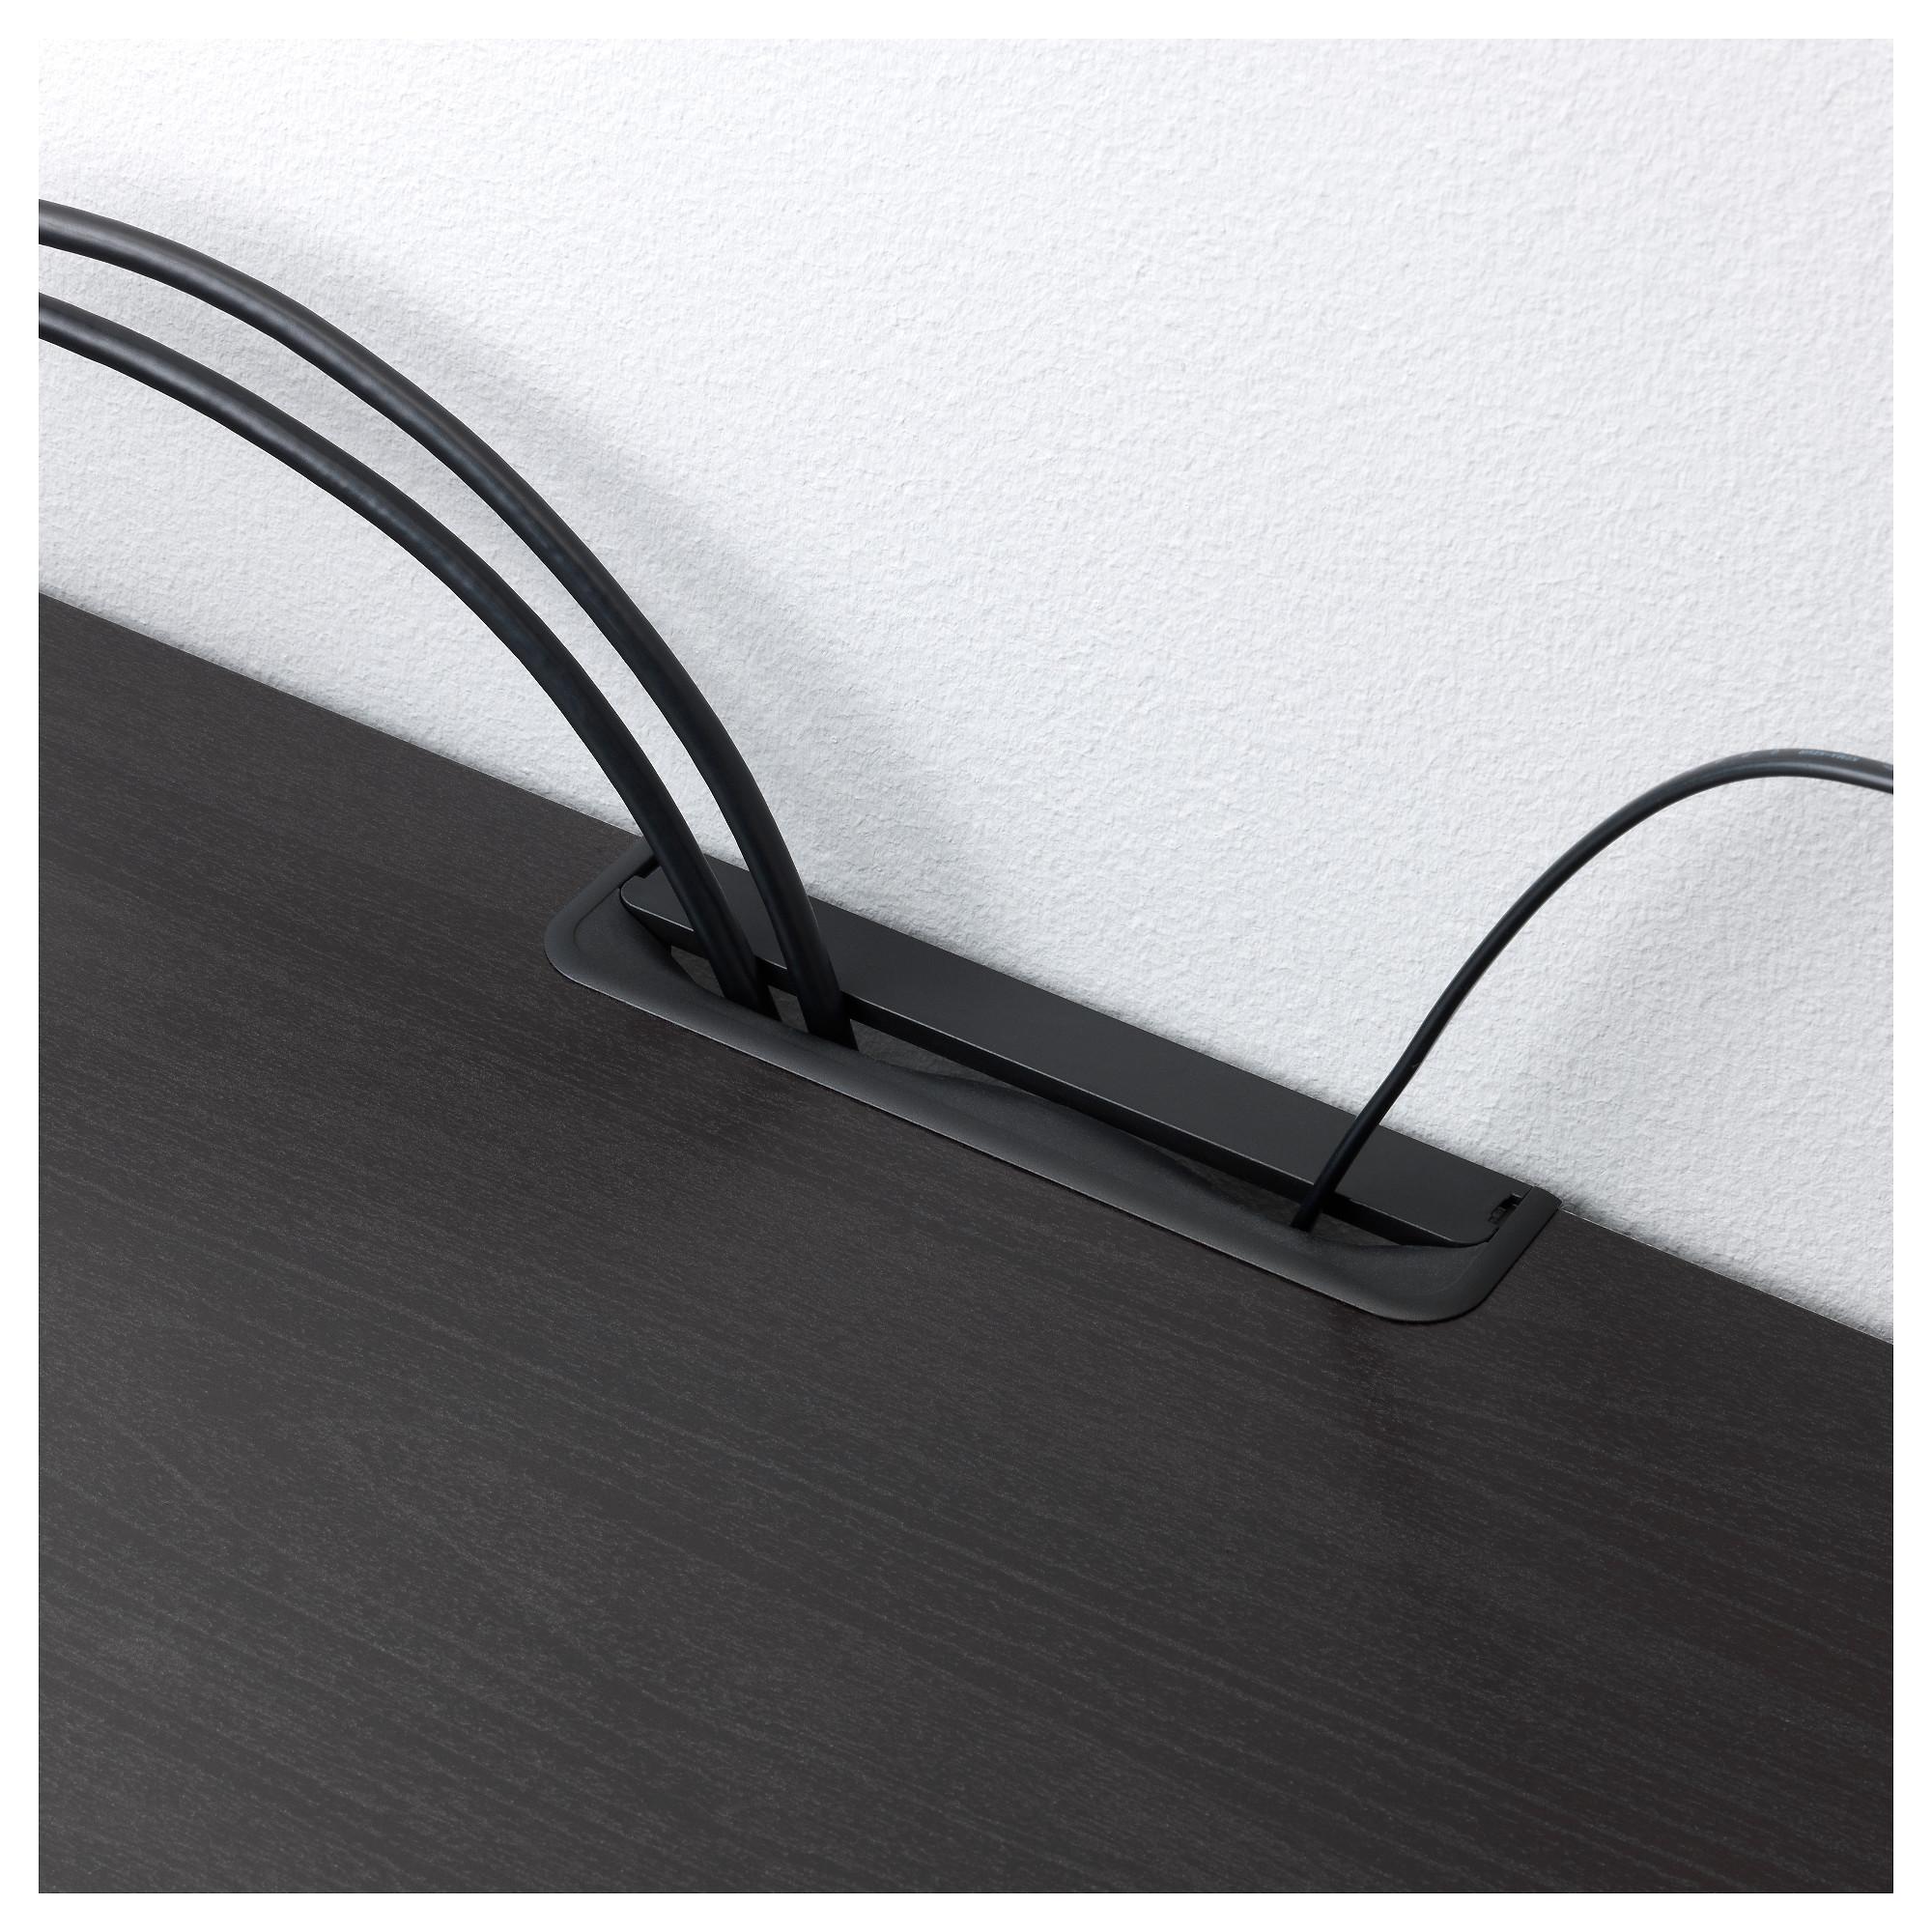 Шкаф для ТВ, комбинированный, стекляные дверцы БЕСТО черно-коричневый артикуль № 892.504.77 в наличии. Онлайн сайт ИКЕА Минск. Быстрая доставка и установка.